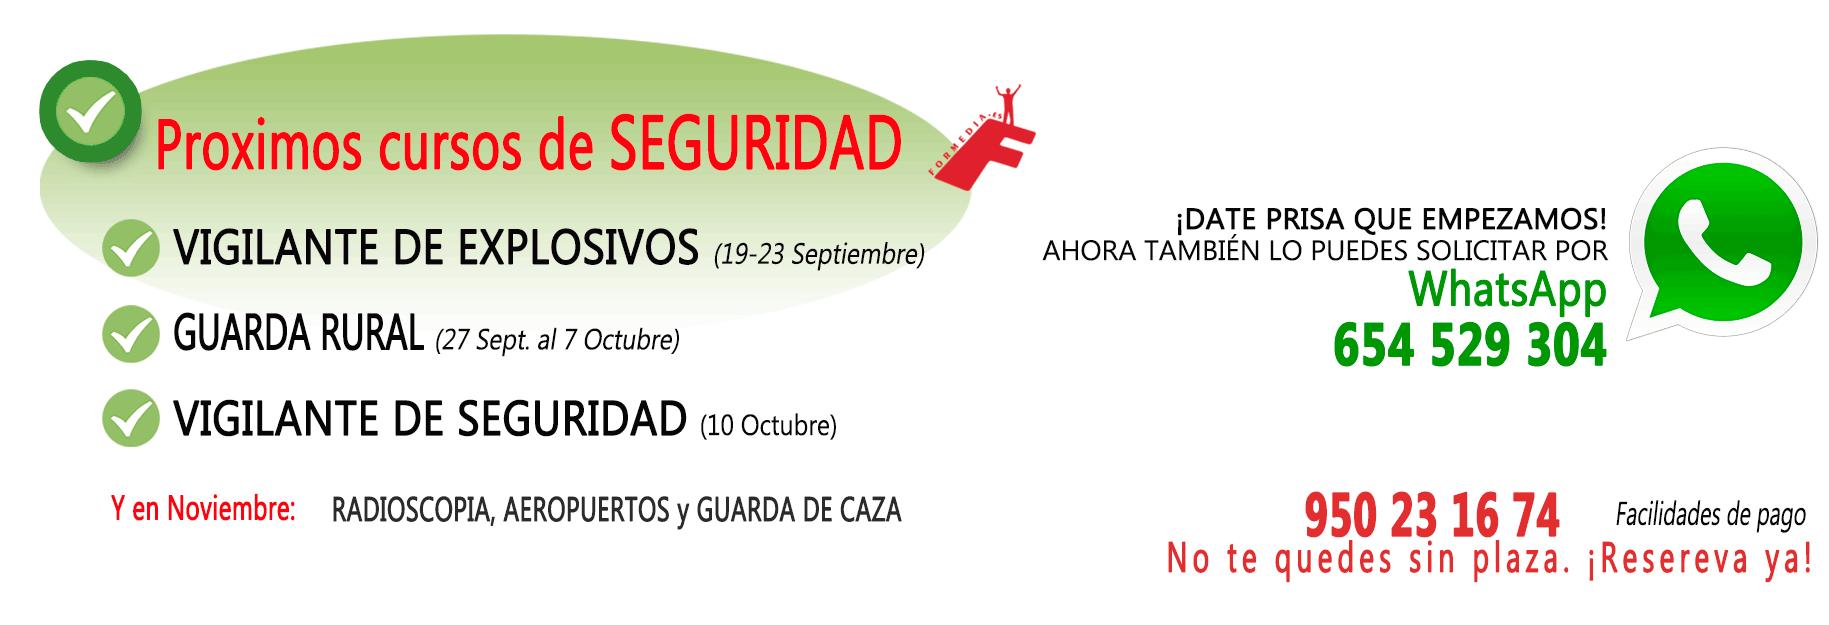 previstos_sept2016